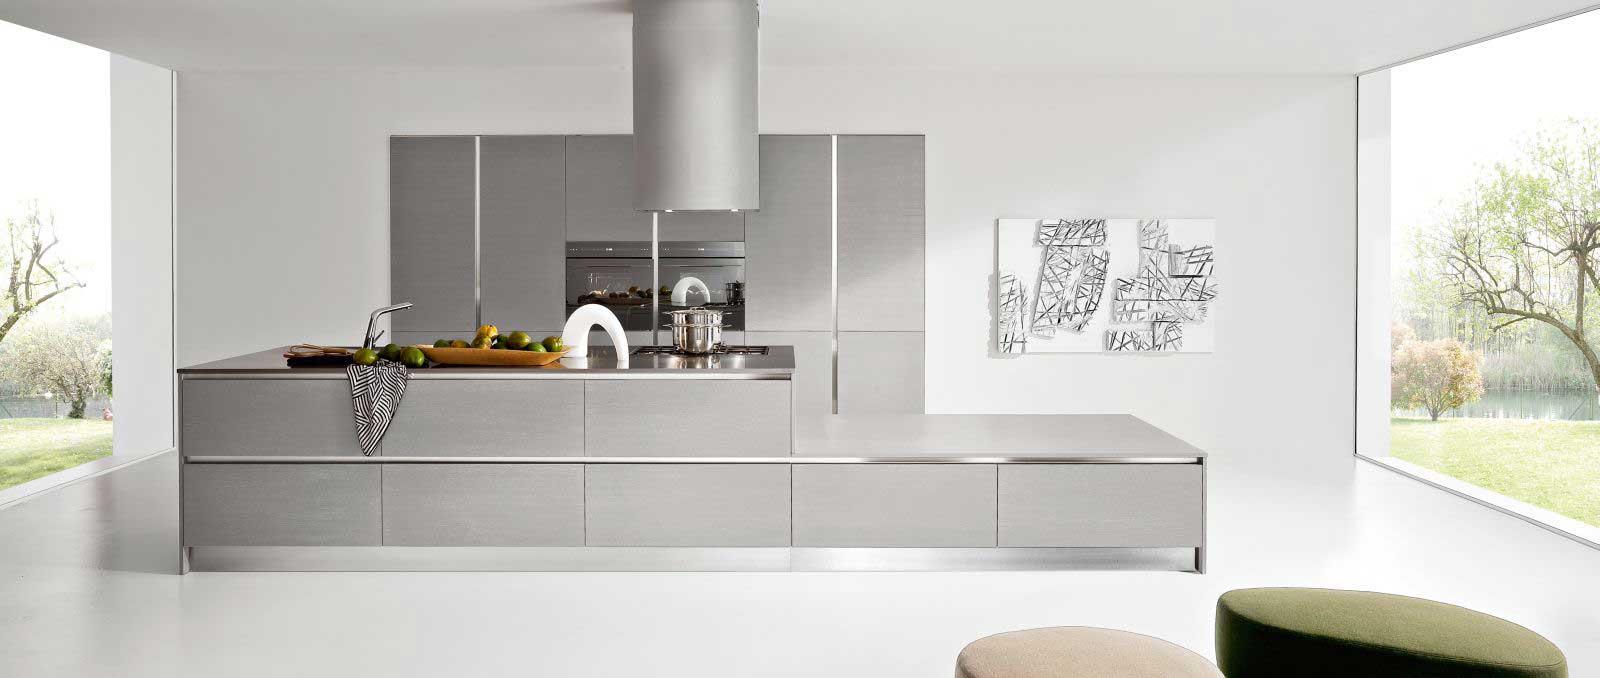 La beauté de cette cuisine est dans le détail, les finitions et accessoires. L'îlot avec coffre, les colonnes en laque gris Cendre, les profilés et socle en aluminium, le plan de travail en inox.